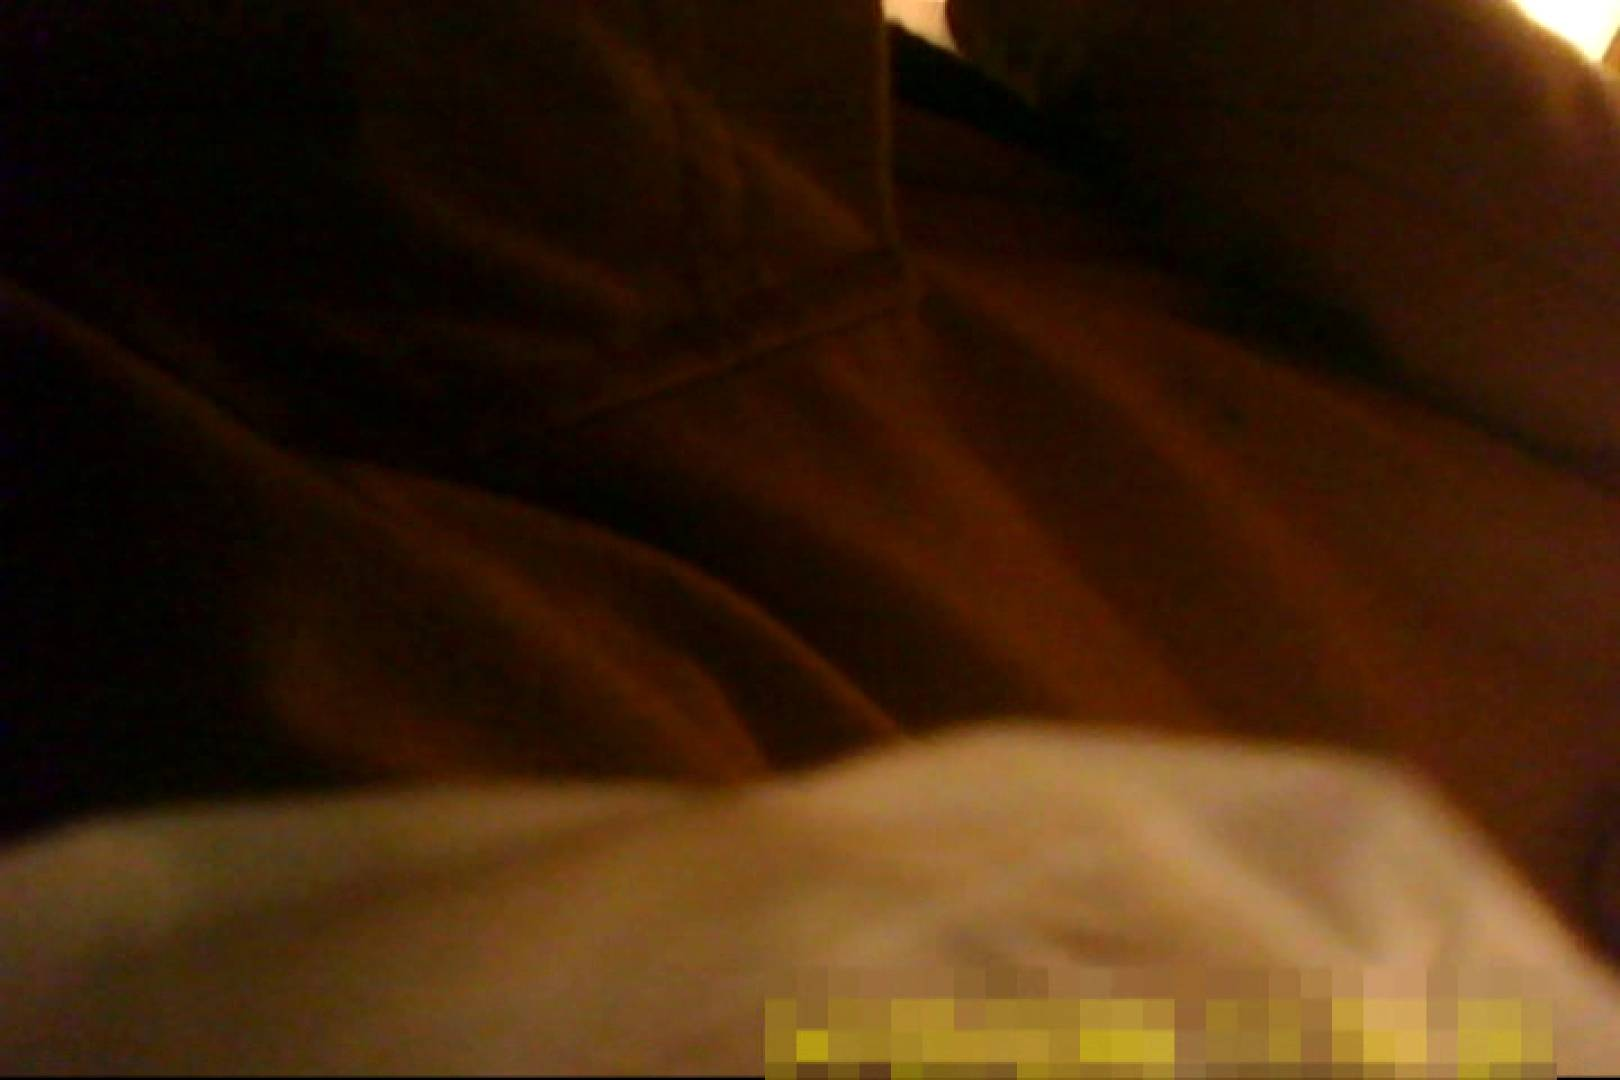 魅惑の化粧室~禁断のプライベート空間~vol.8 美しいOLの裸体 覗きおまんこ画像 91pic 87